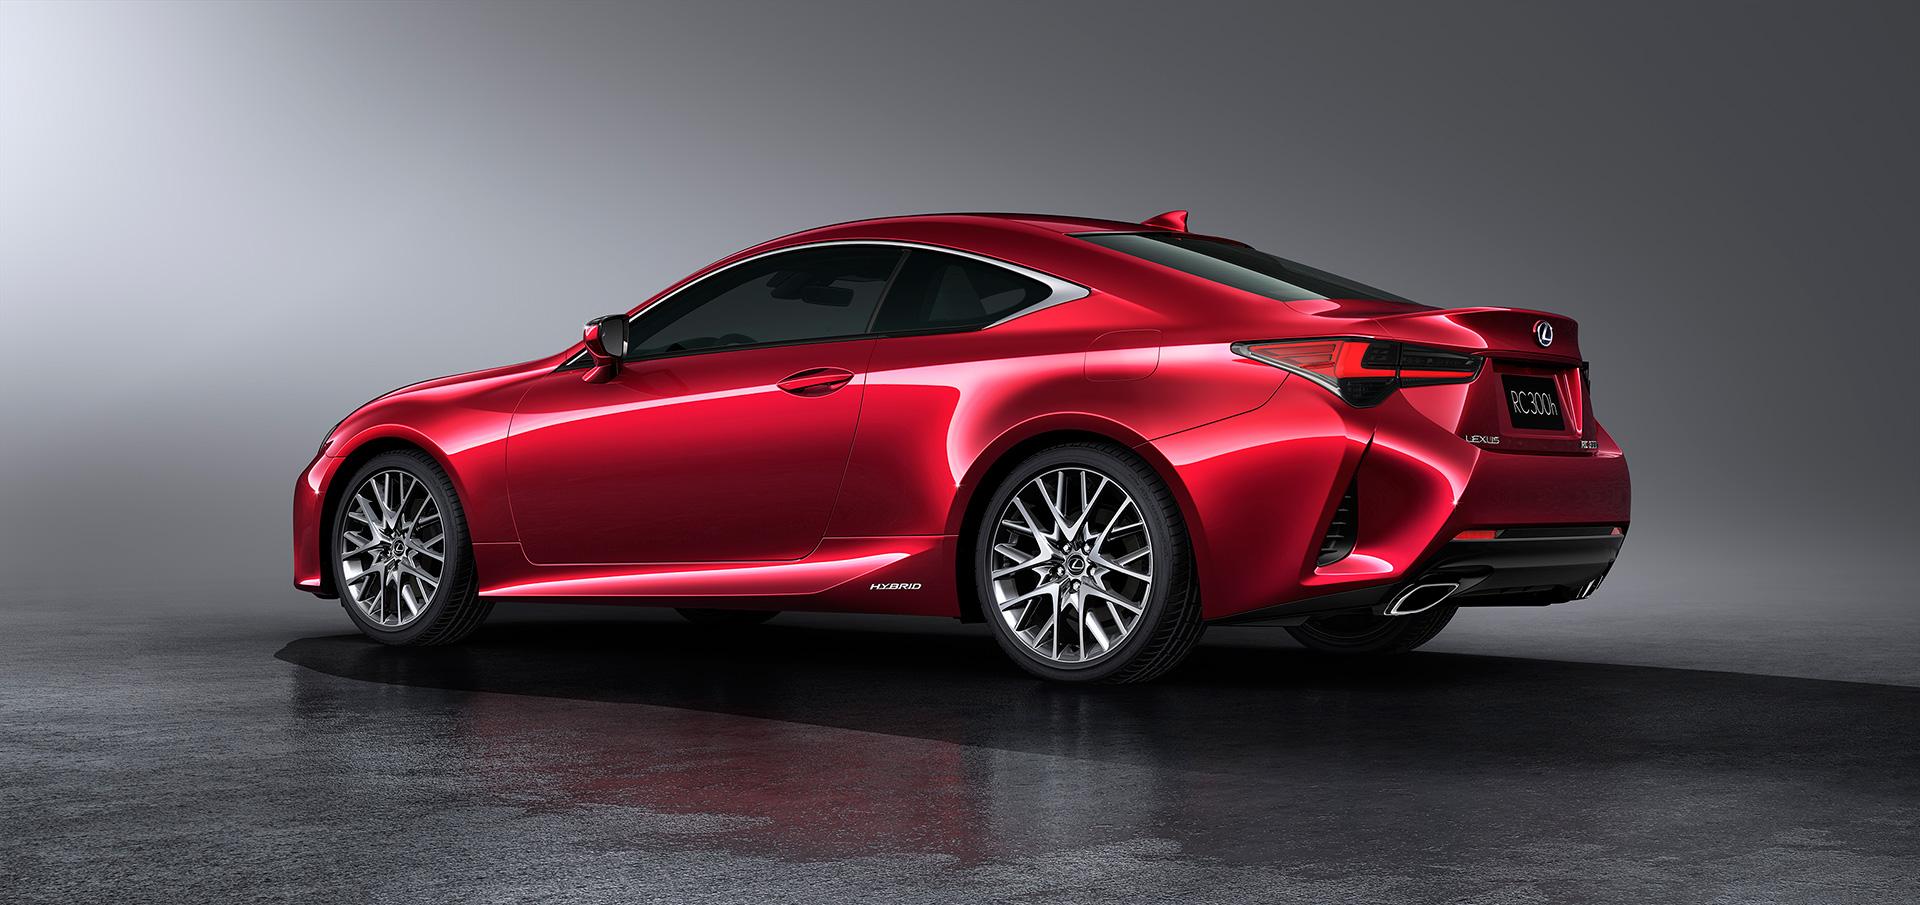 「【新車】レクサスRCがマイナーチェンジ。LC譲りのエレガントな外観と高い走行性能を獲得」の8枚目の画像